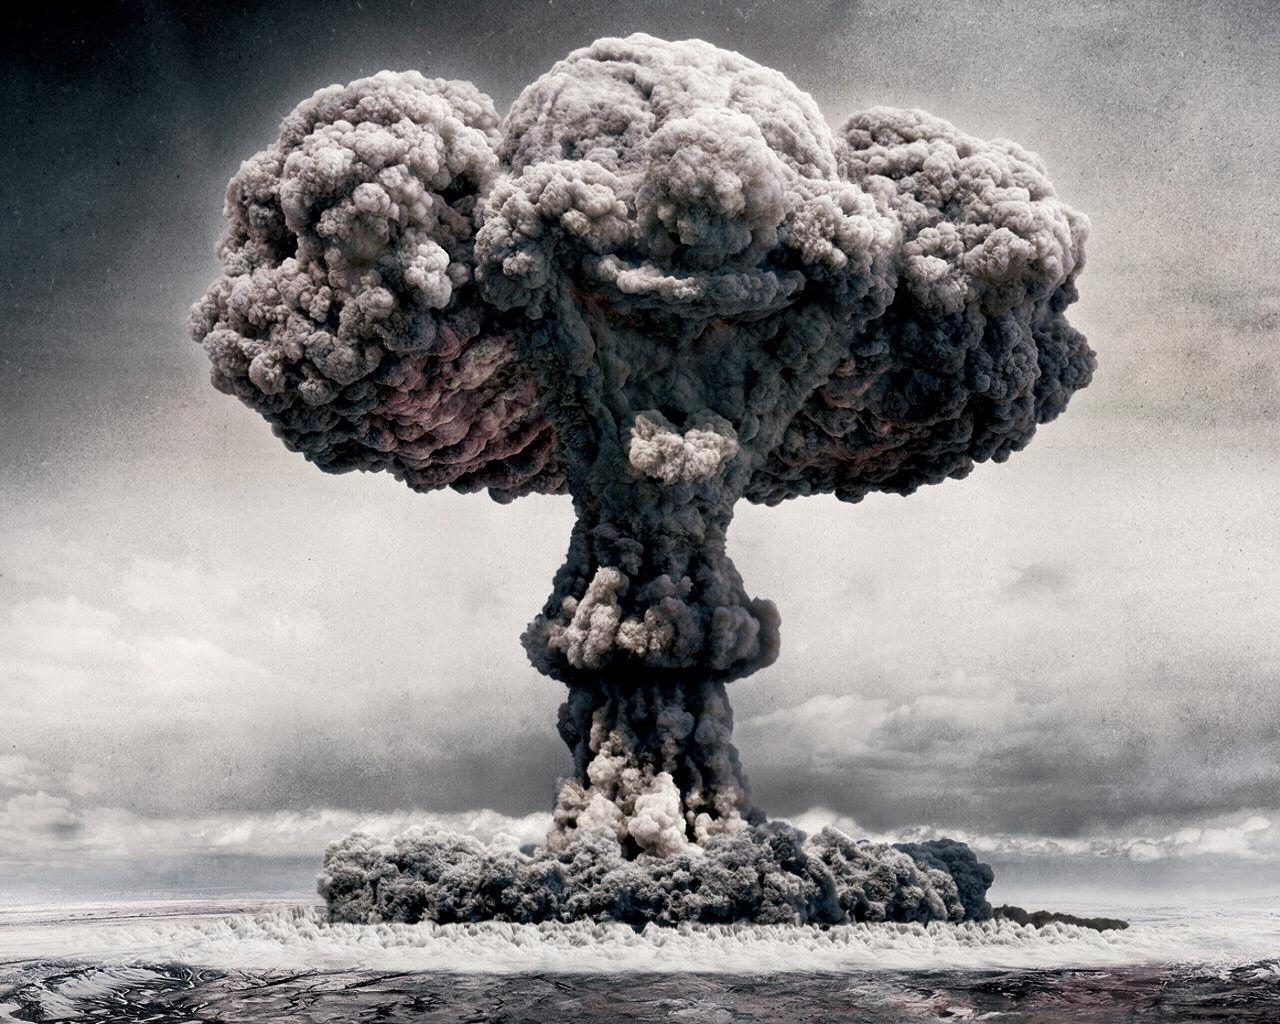 http://2.bp.blogspot.com/-kuC0QK0JIdc/TfWJSR9EXjI/AAAAAAAABAI/PxqC7yMUbM4/s1600/nuke-cloud-wallpapers_12631_1280x1024.jpg